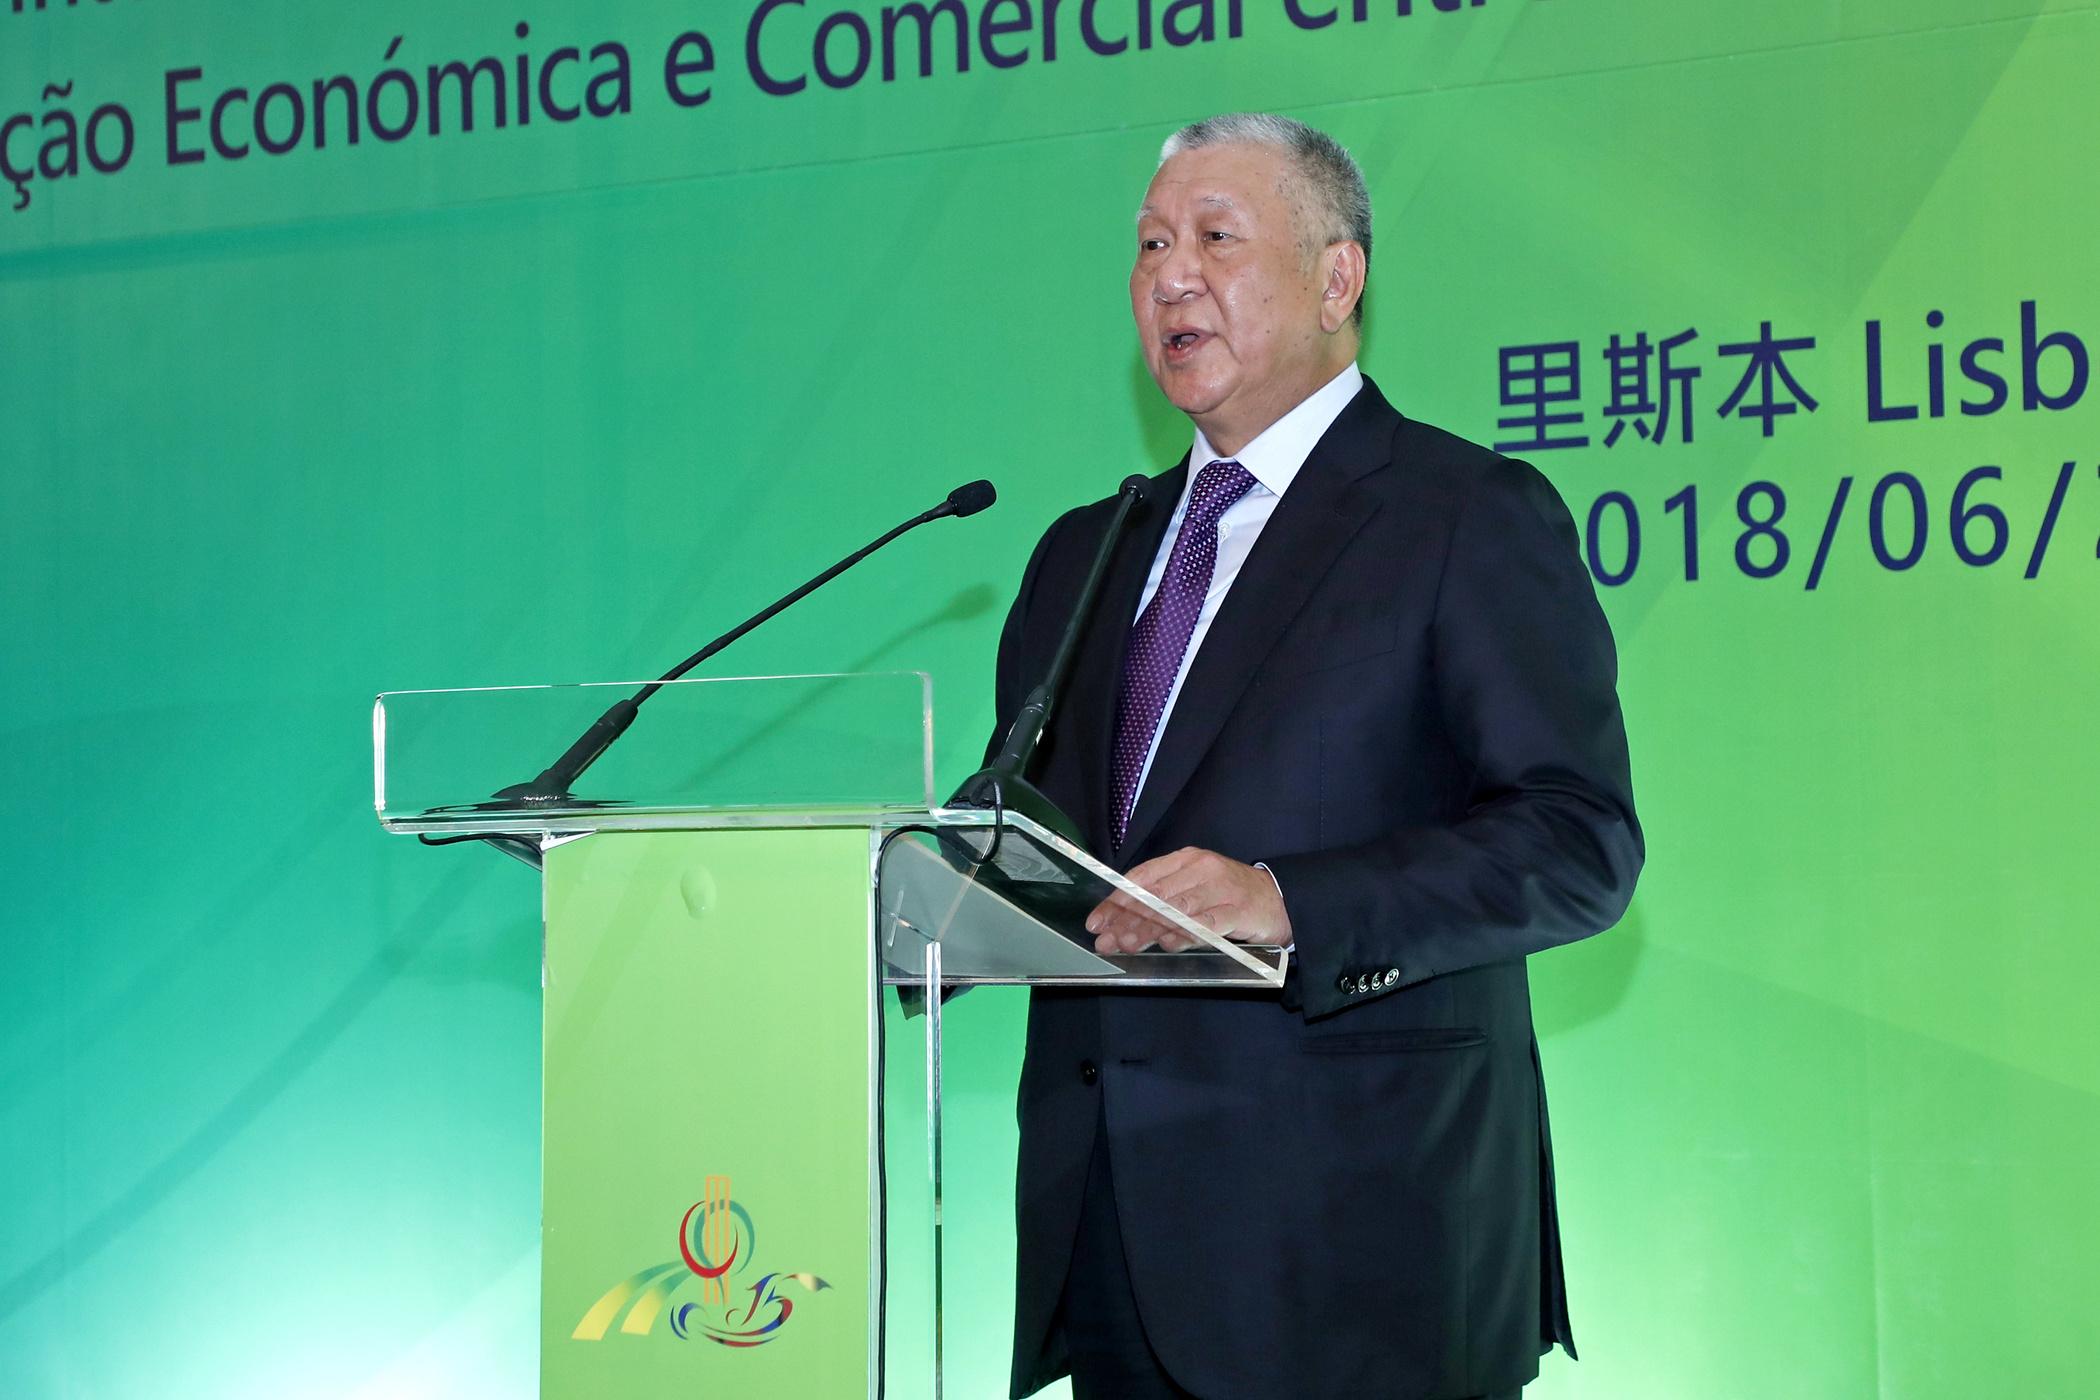 Análise | O papel de Edmund Ho na vida política de Macau enquanto vice-presidente da CCPPC